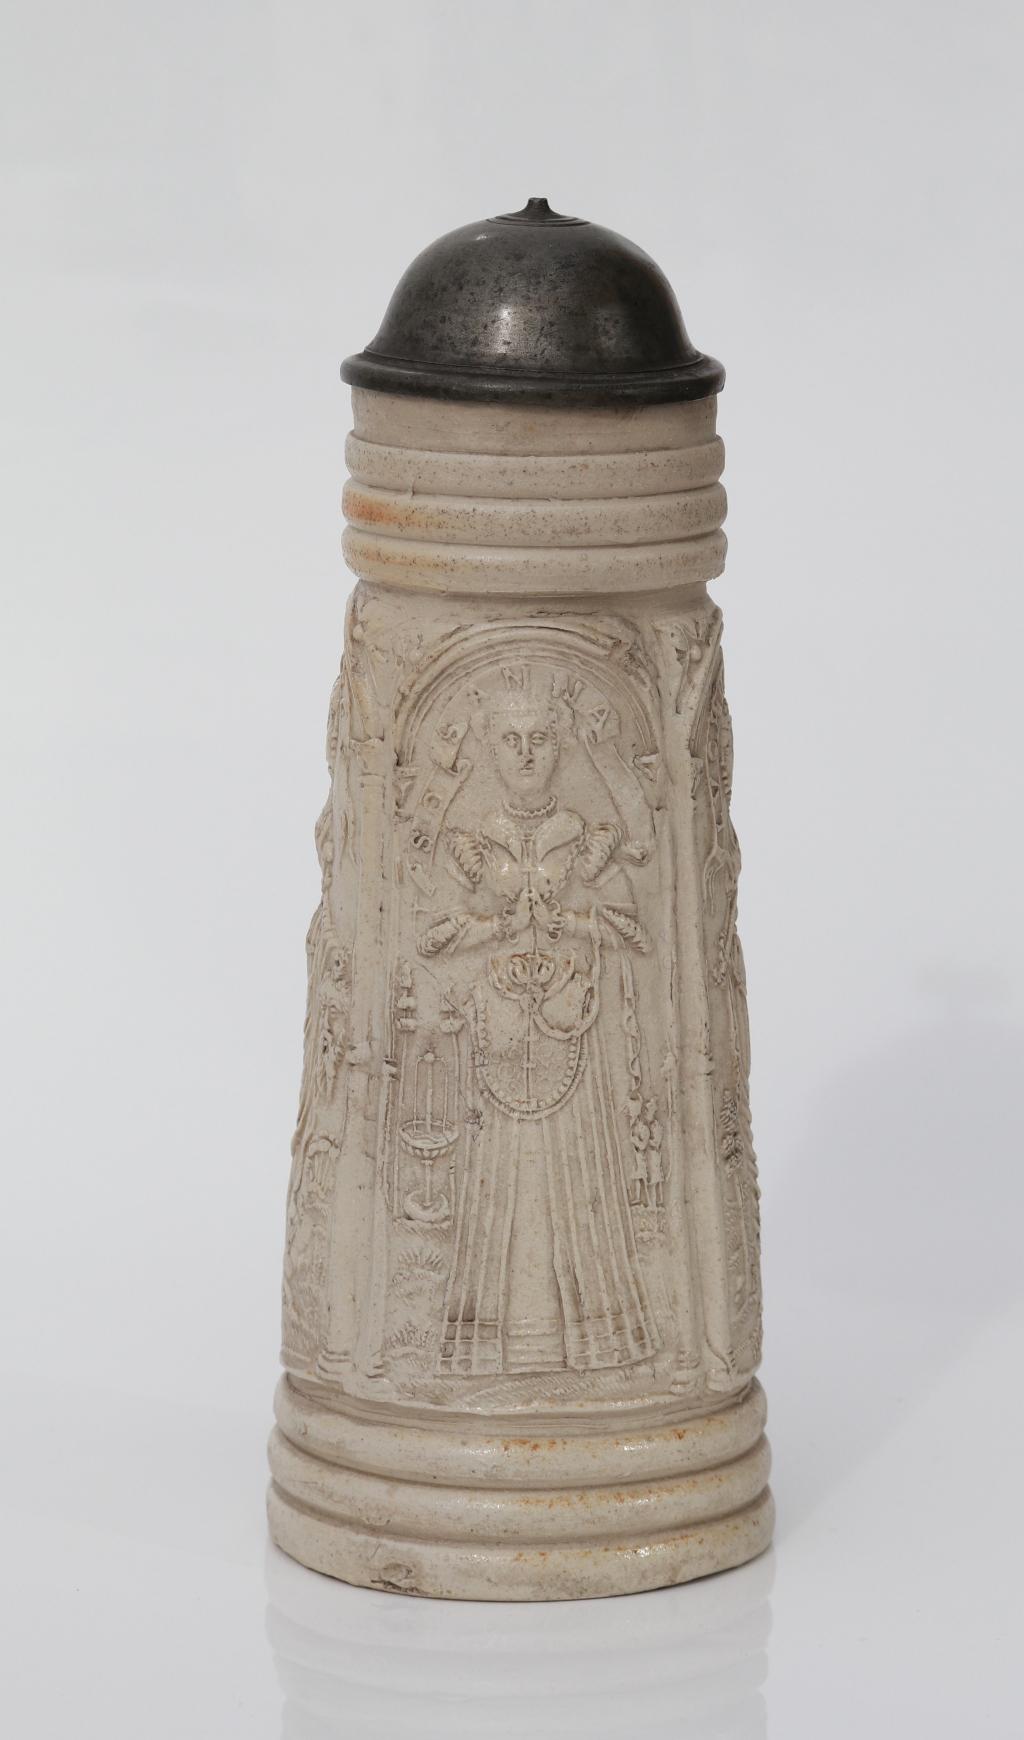 Siegburg salt glazed stoneware Flagon dated 1565